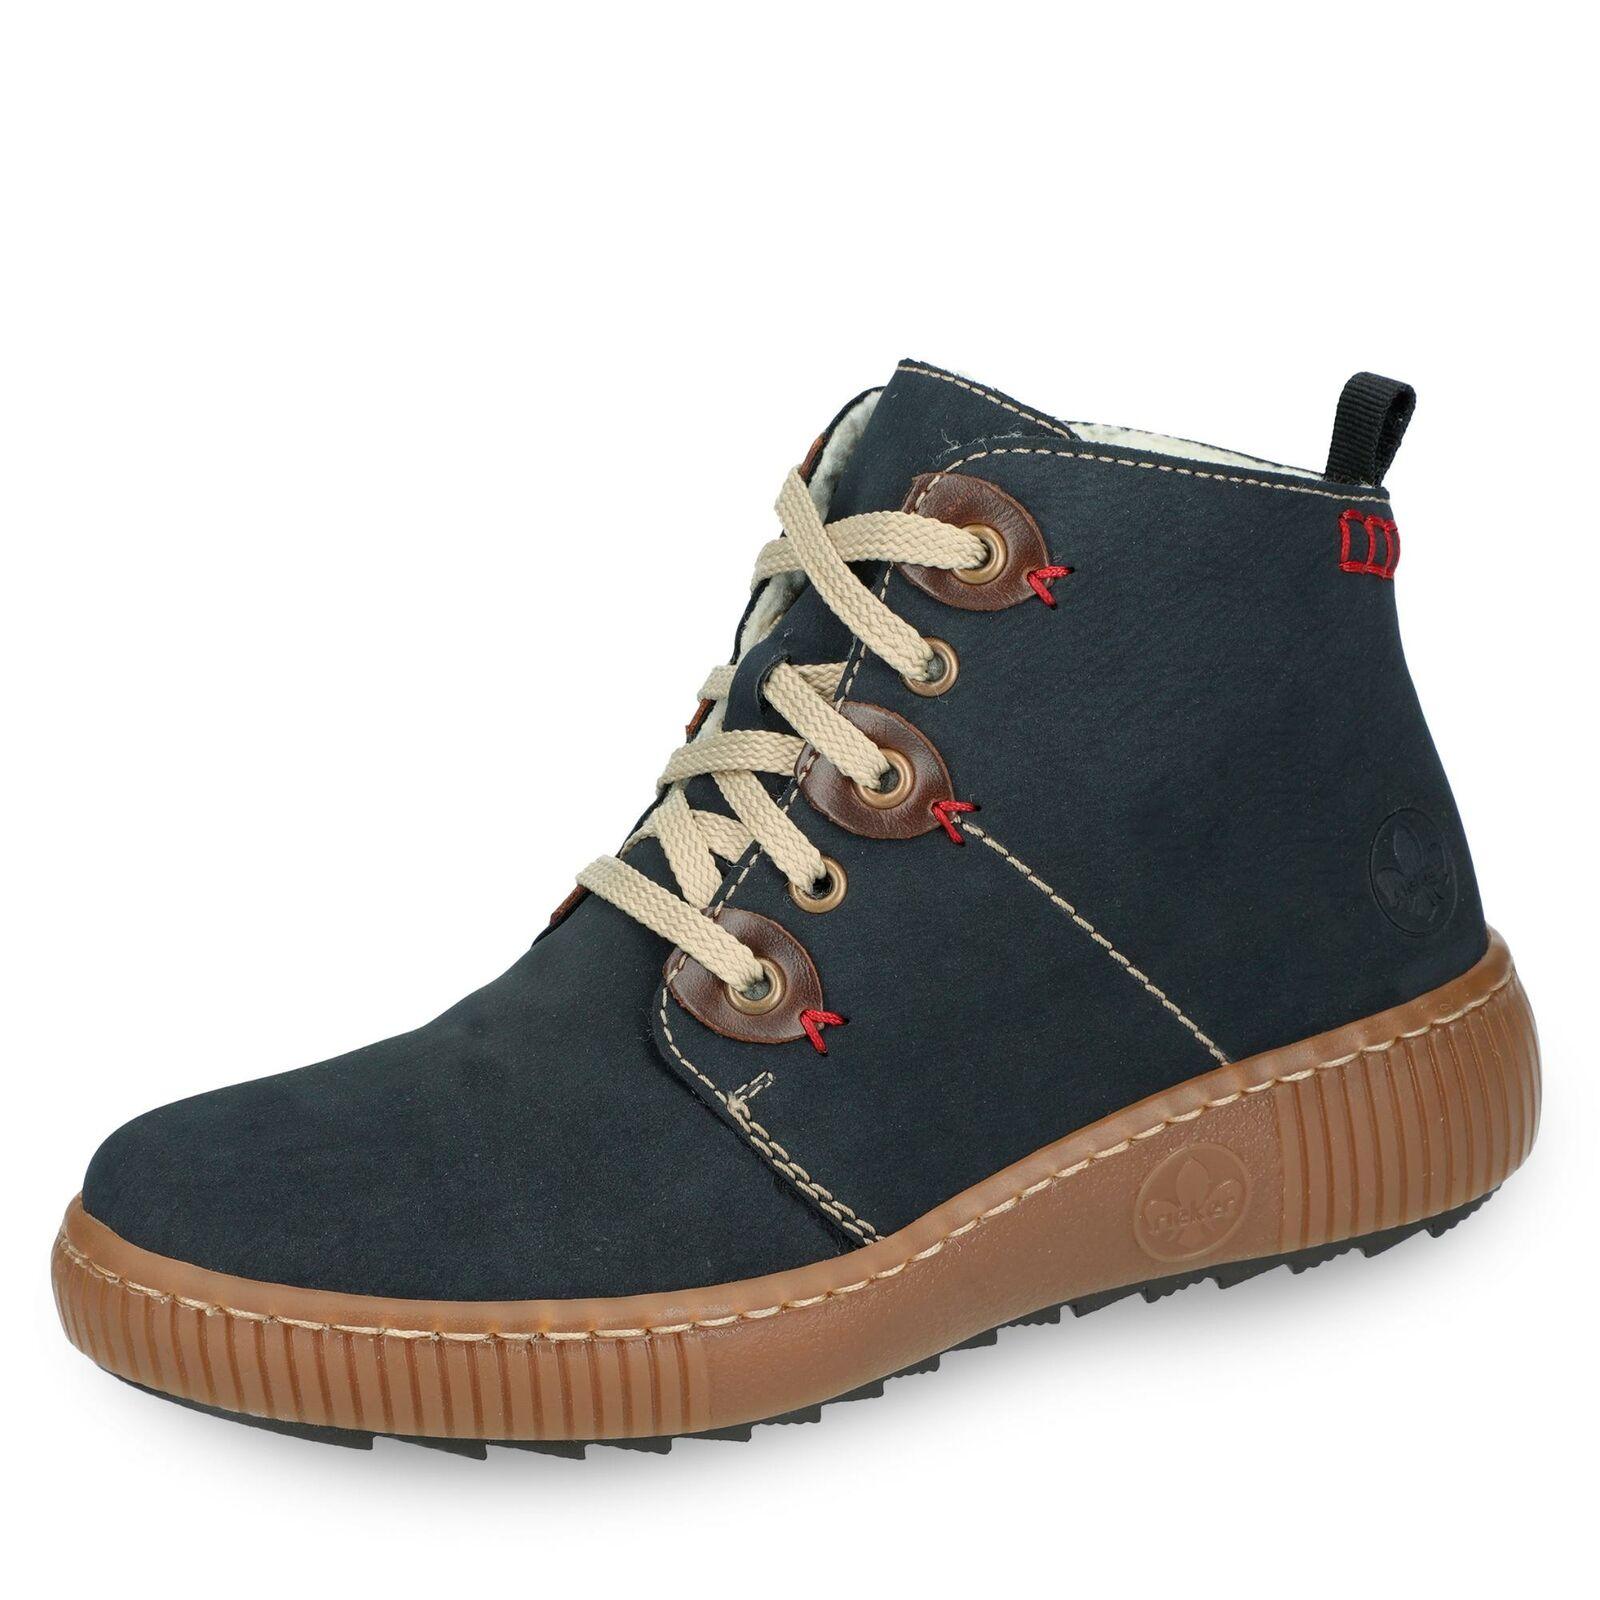 Rieker Damen SchnürStiefel Stiefeletten Winterschuh Schnürstiefelette Schuhe blau